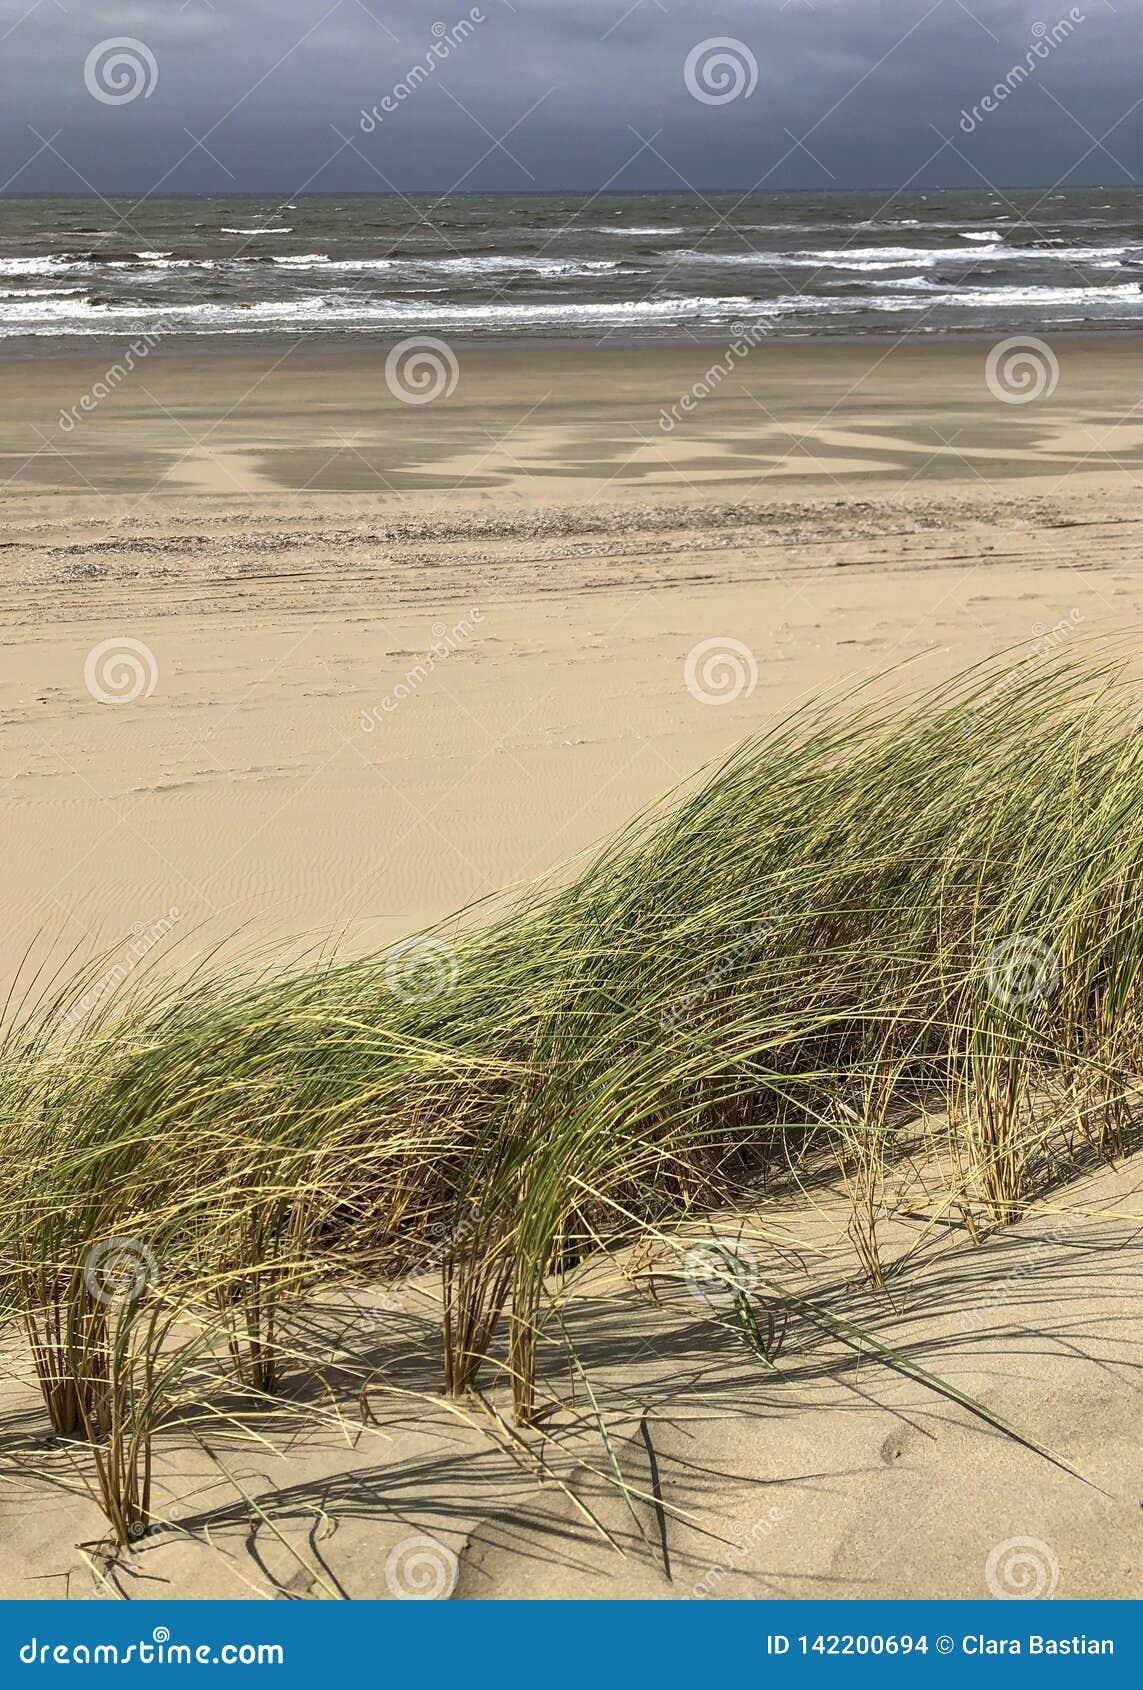 Sparto pungente nelle dune di sabbia a tira, cielo nuvoloso piovoso alla costa dei Paesi Bassi